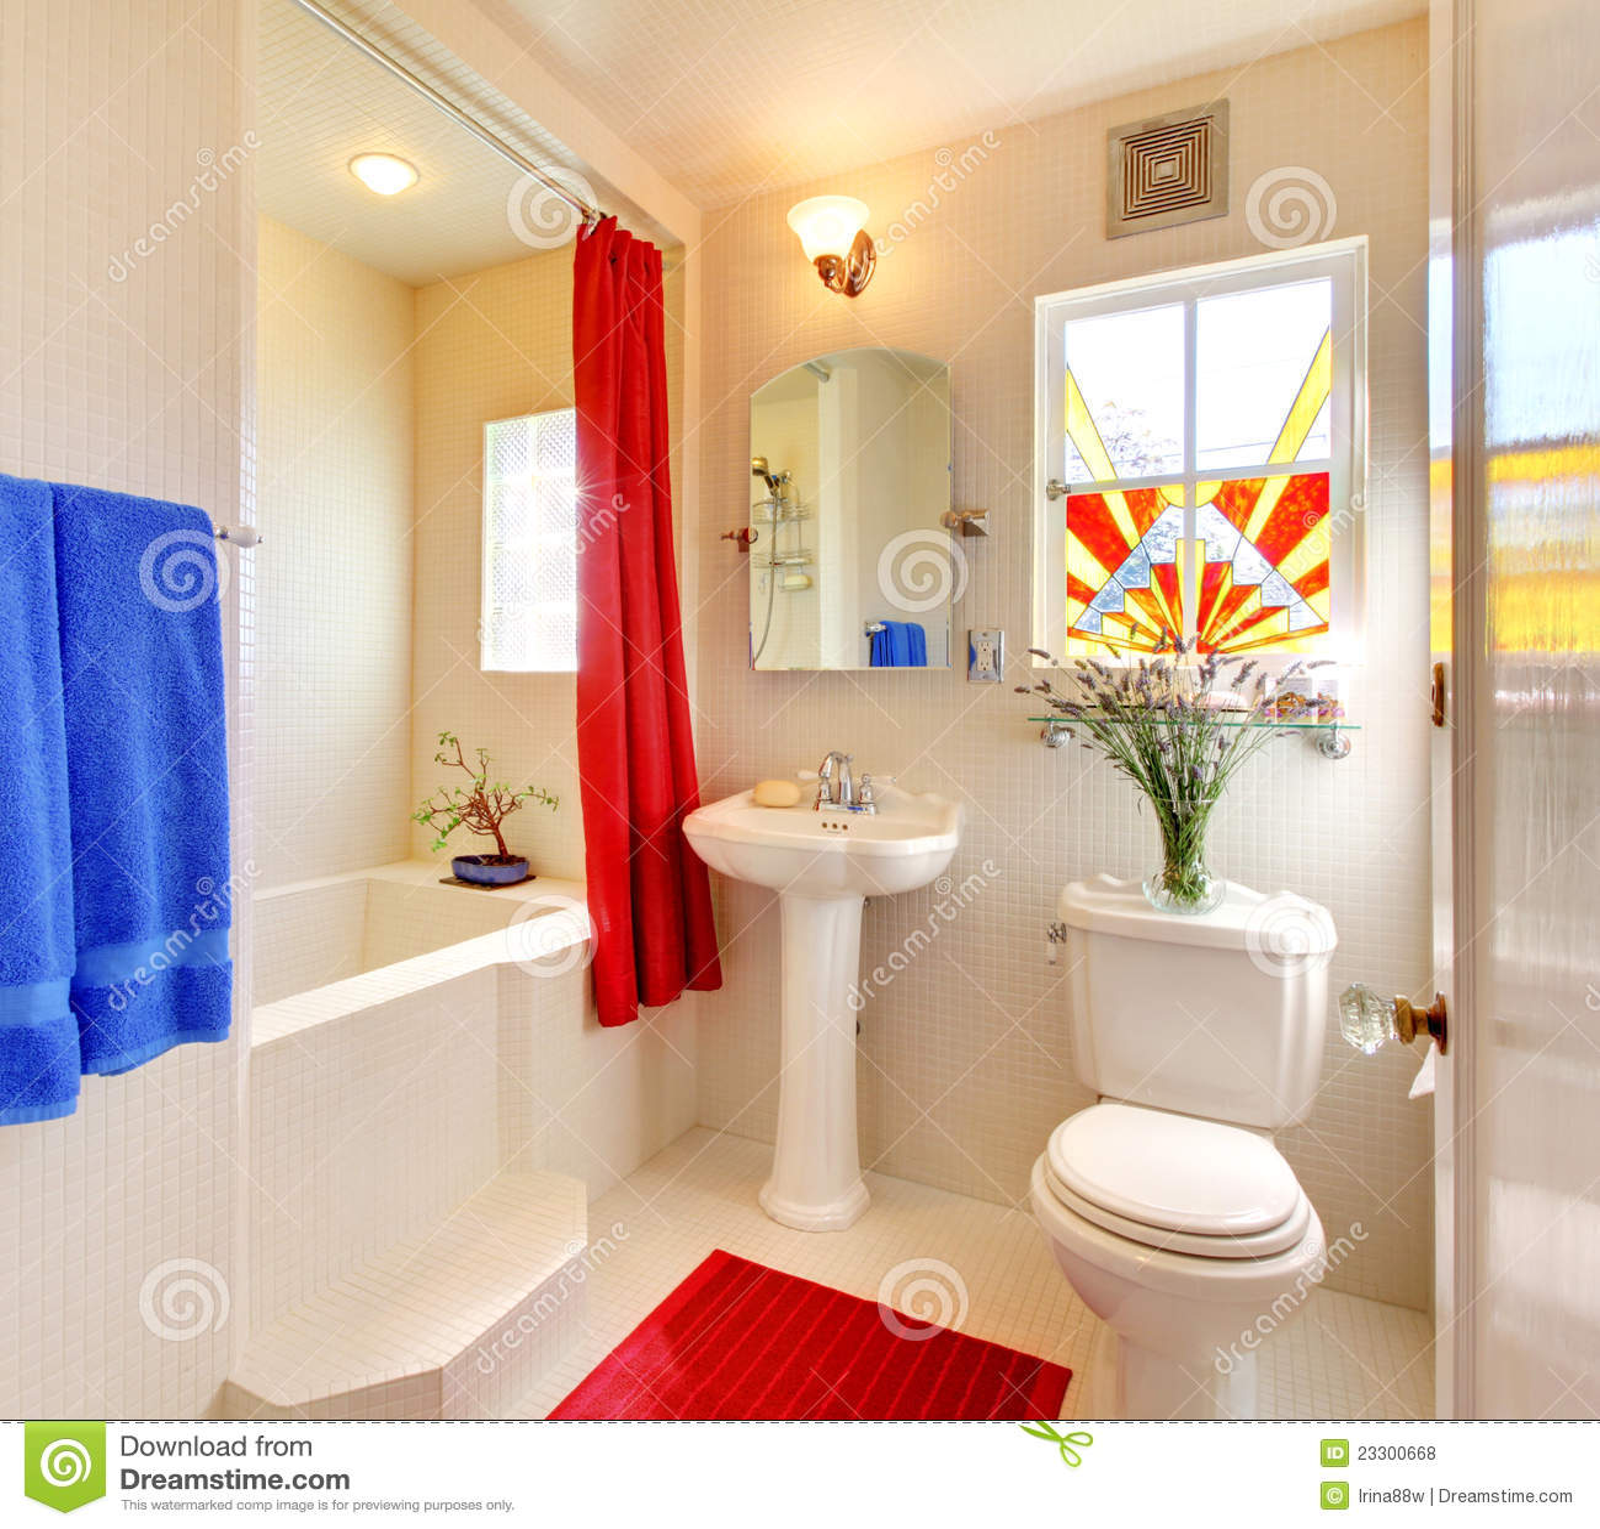 #8D0D08 Banheiro Bonito Branco E Vermelho Moderno. Fotos de Stock Royalty Free  1300x1259 px Banheiros Bonitos Fotos 1519